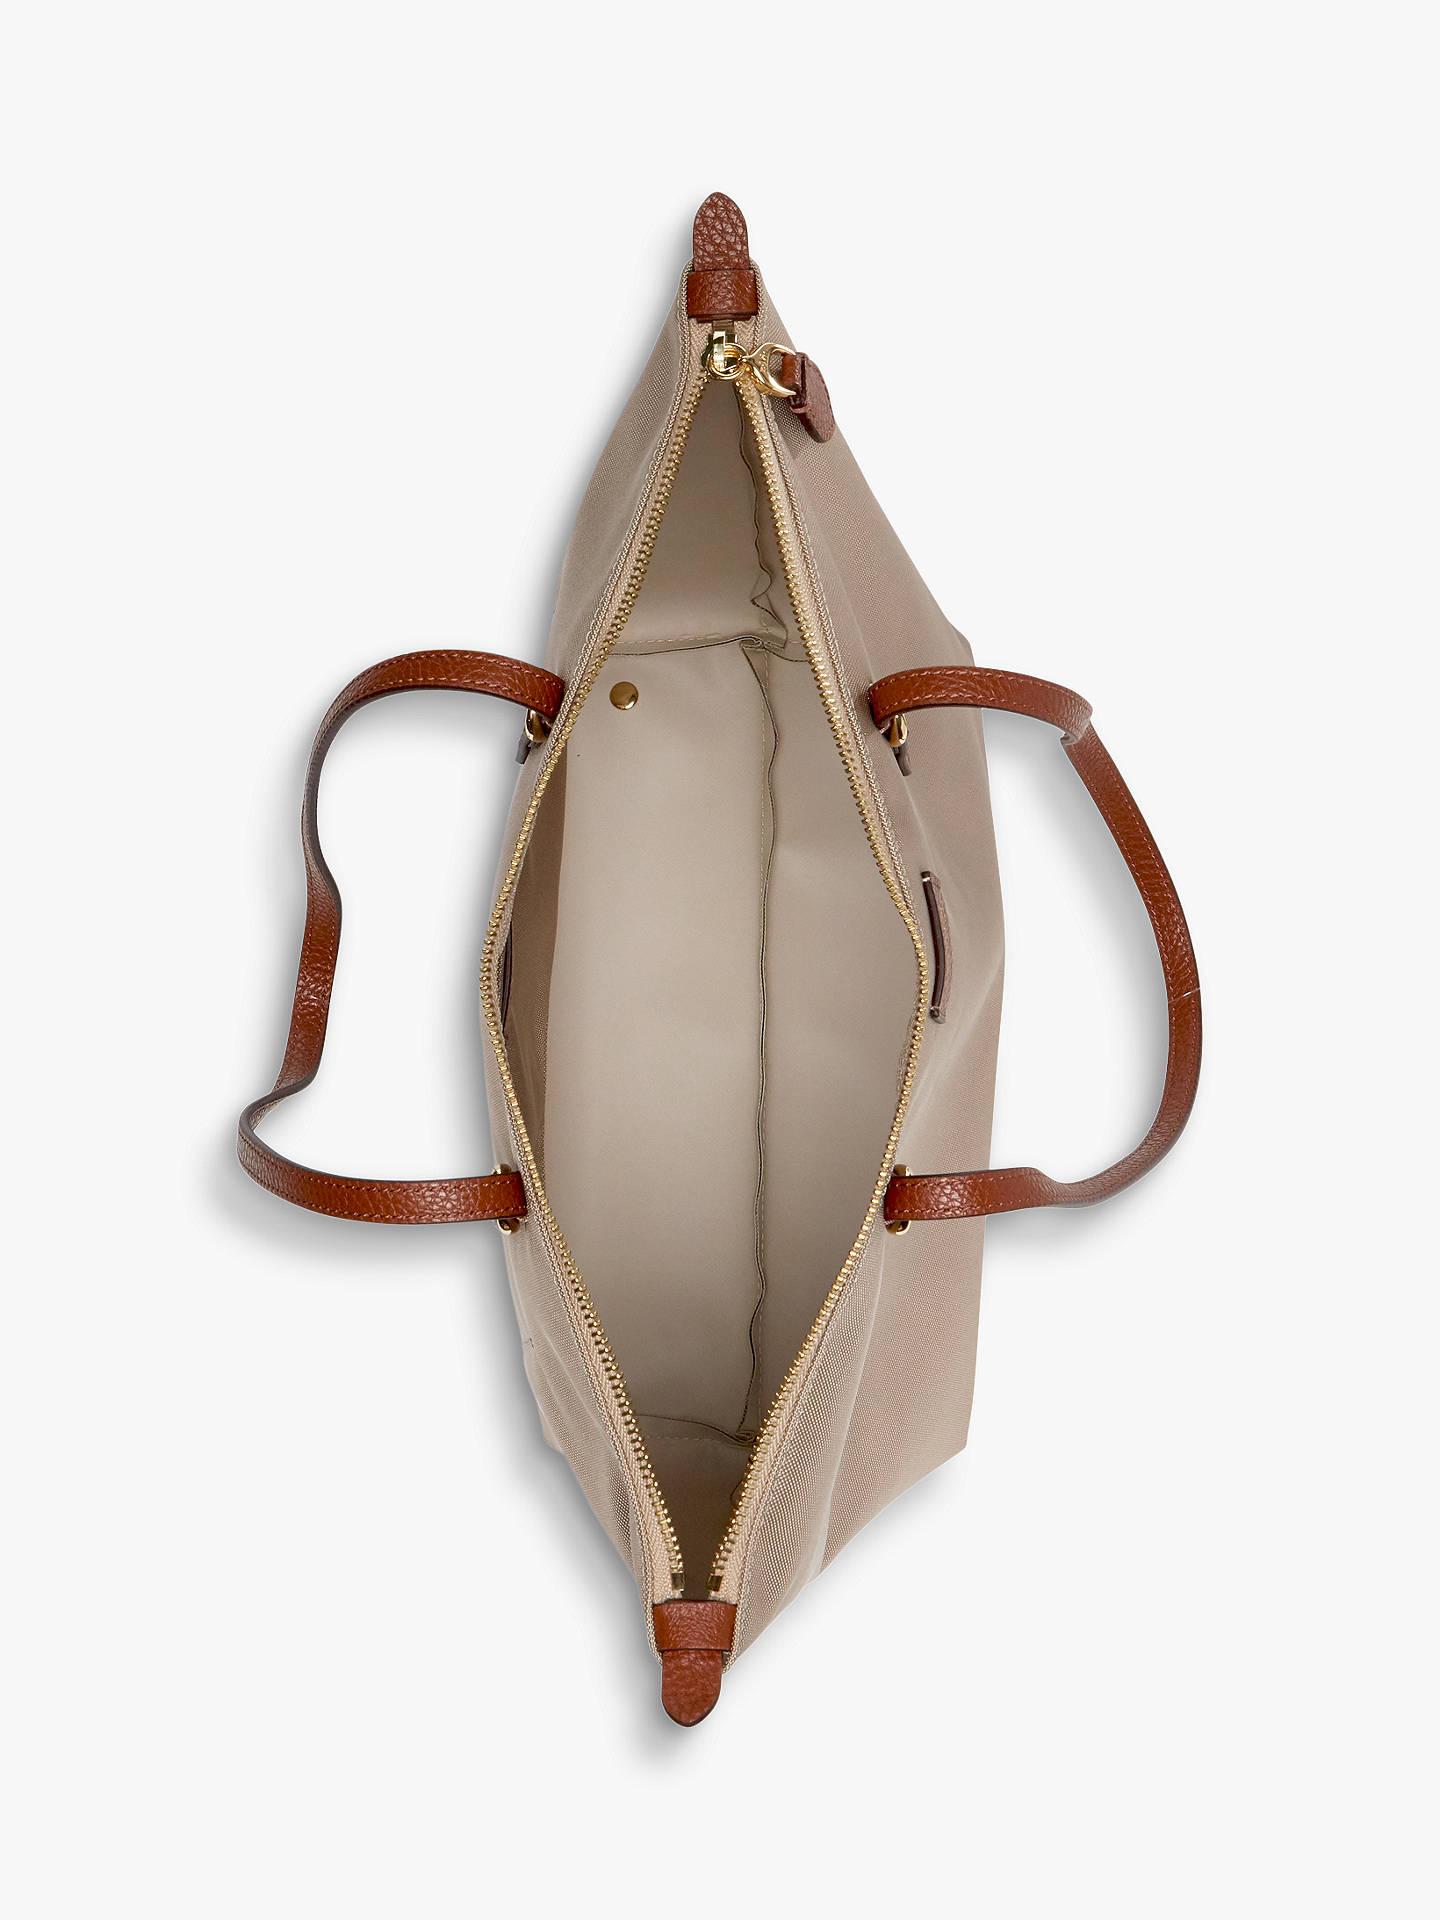 2a06ab97e ... Buy Lauren Ralph Lauren Chadwick Shopper Bag, Clay Online at  johnlewis.com ...